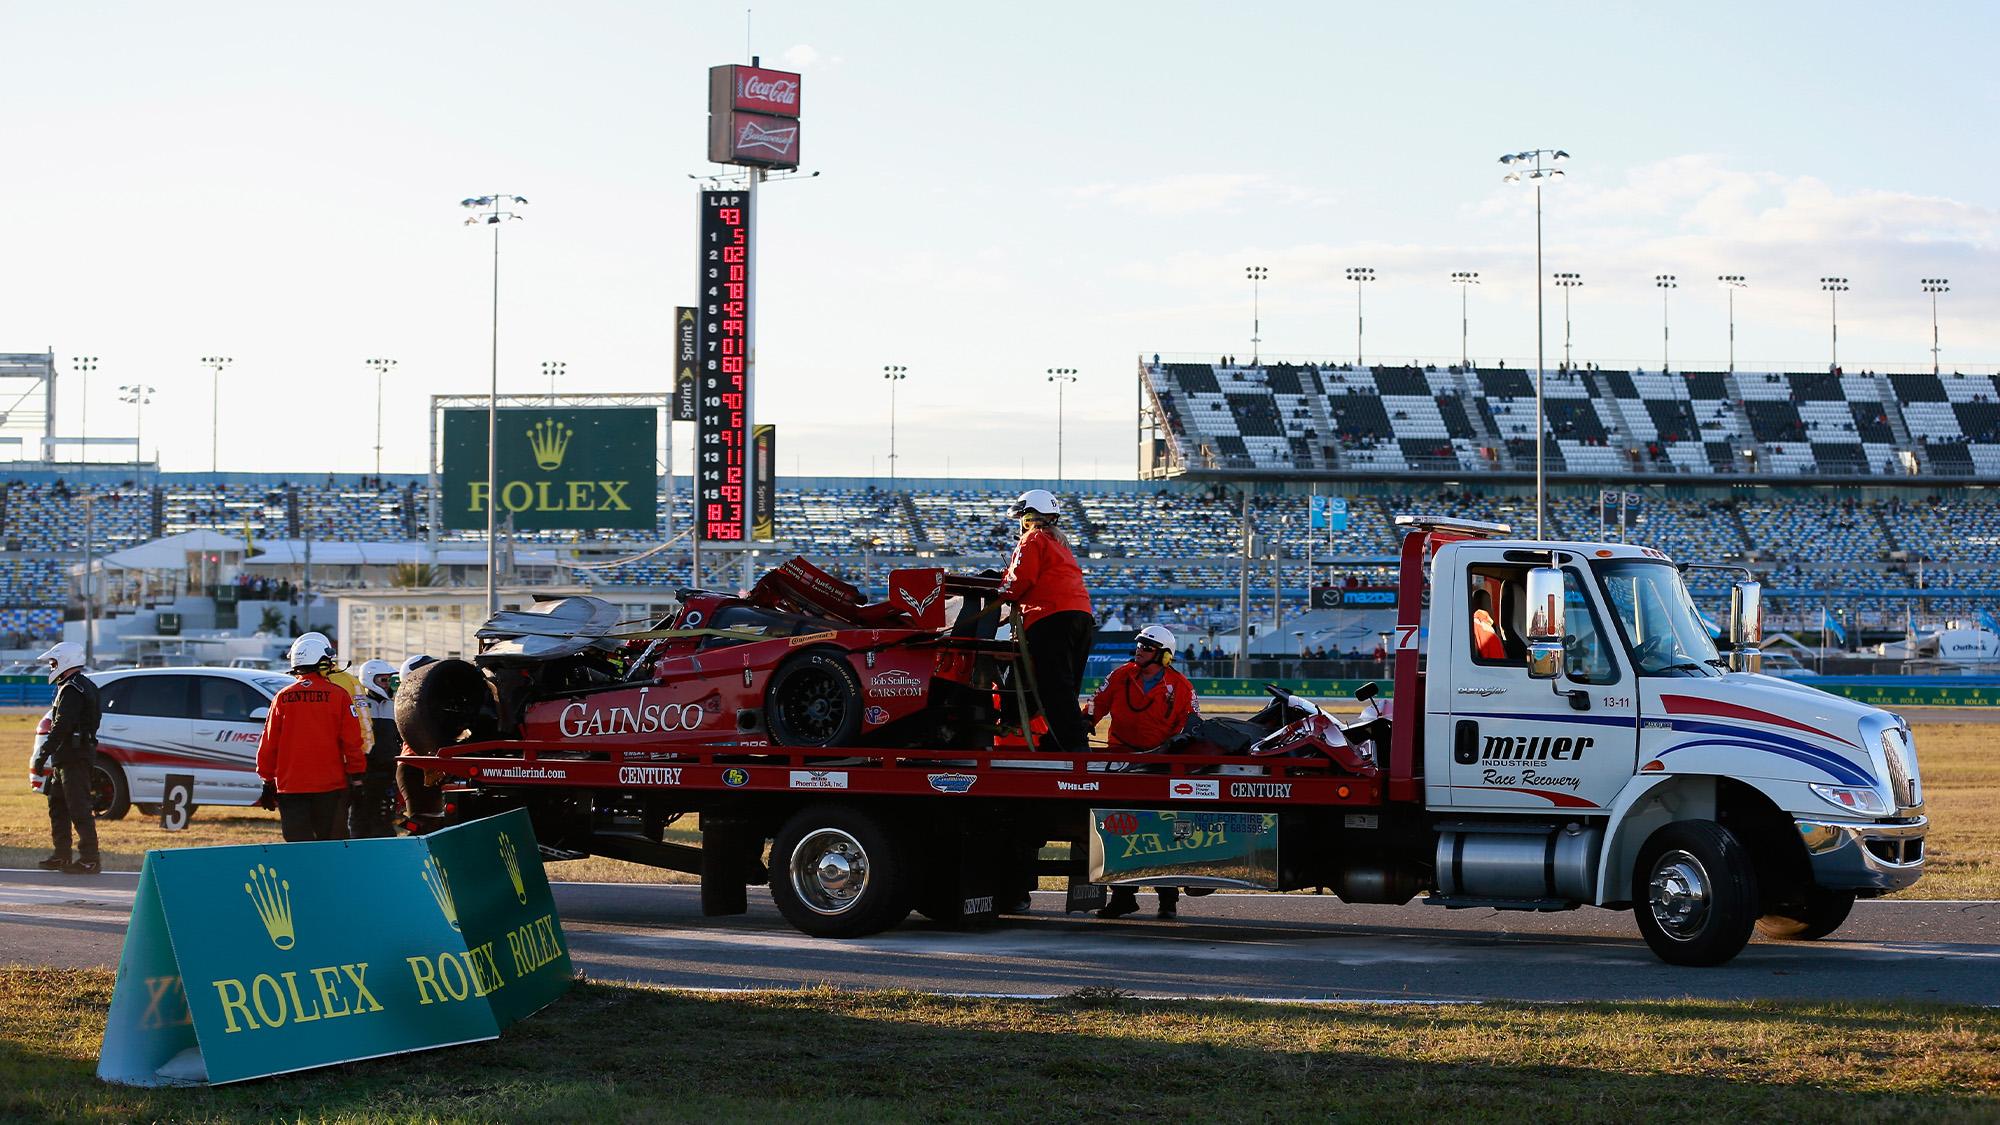 Wreckage after Memo Gidley crash at Daytona Rolex 24